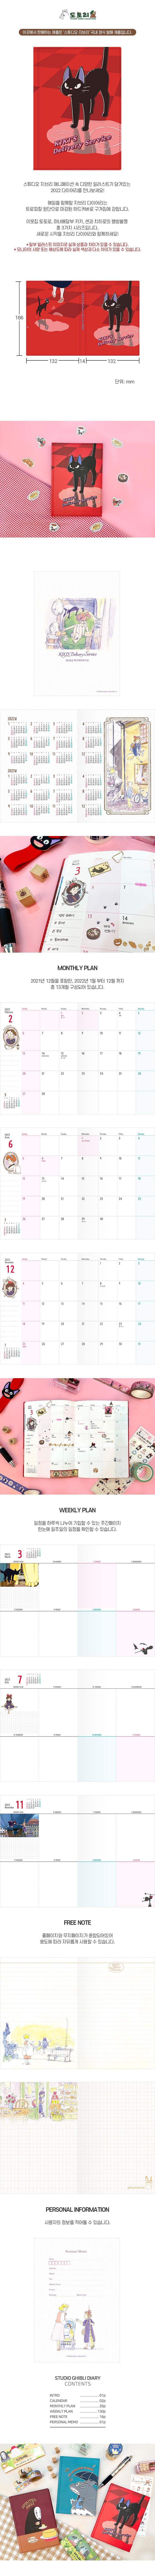 2022diary_KIKI_02_081303.jpg